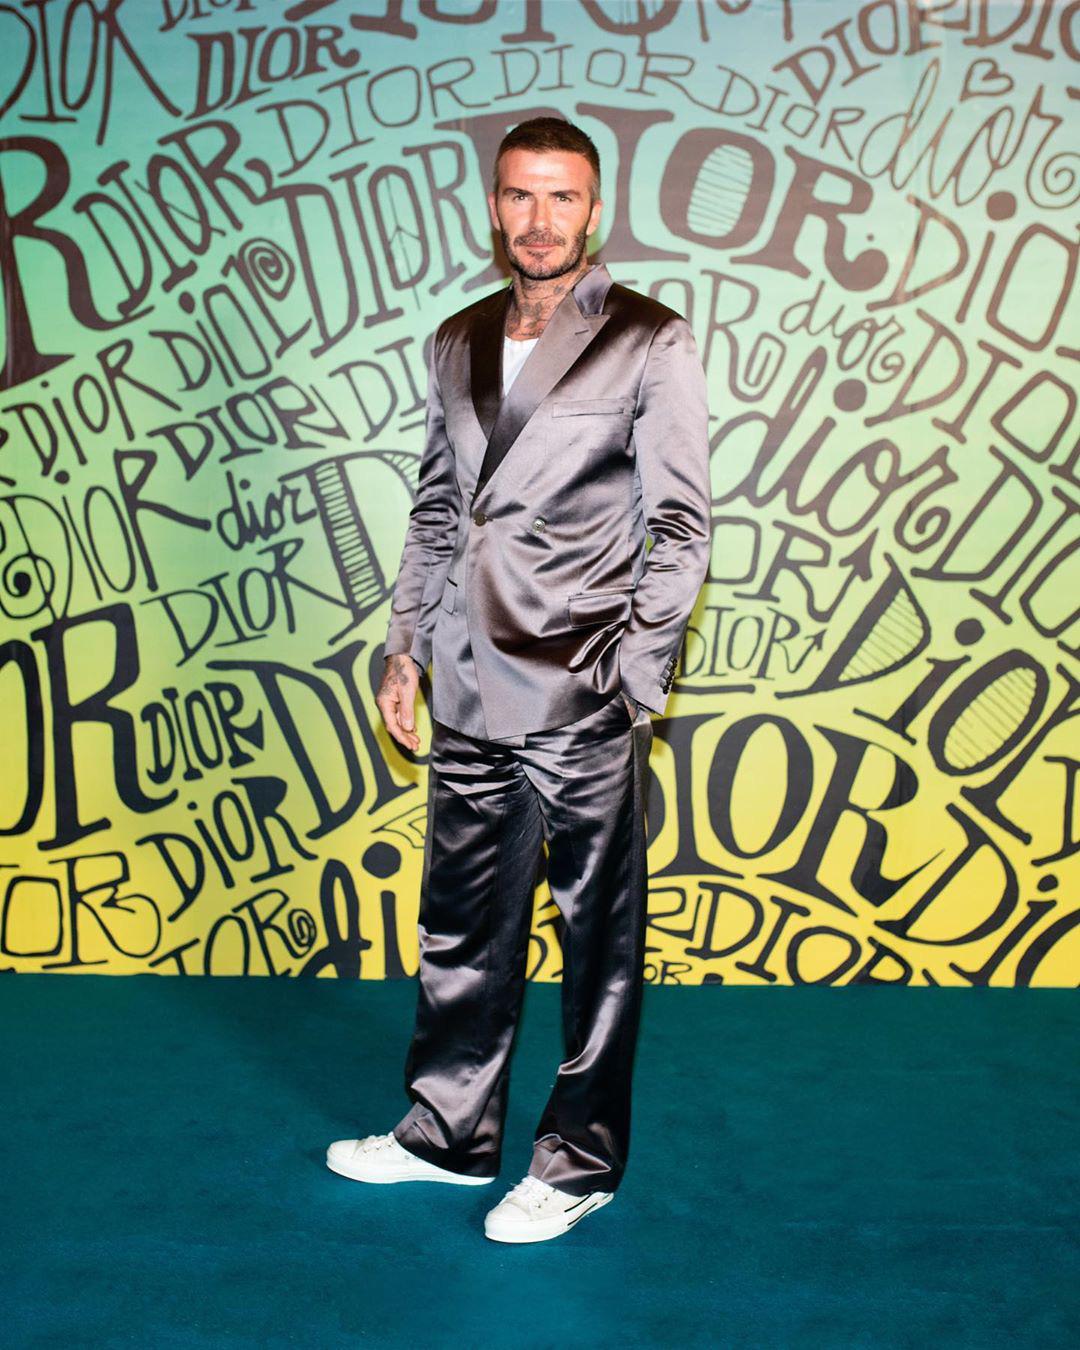 Giữa lúc thương hiệu của vợ làm ăn khó khăn, David Beckham chiếm trọn spotlight với bộ suit bóng bẩy chất chơi như trai tân - Ảnh 1.